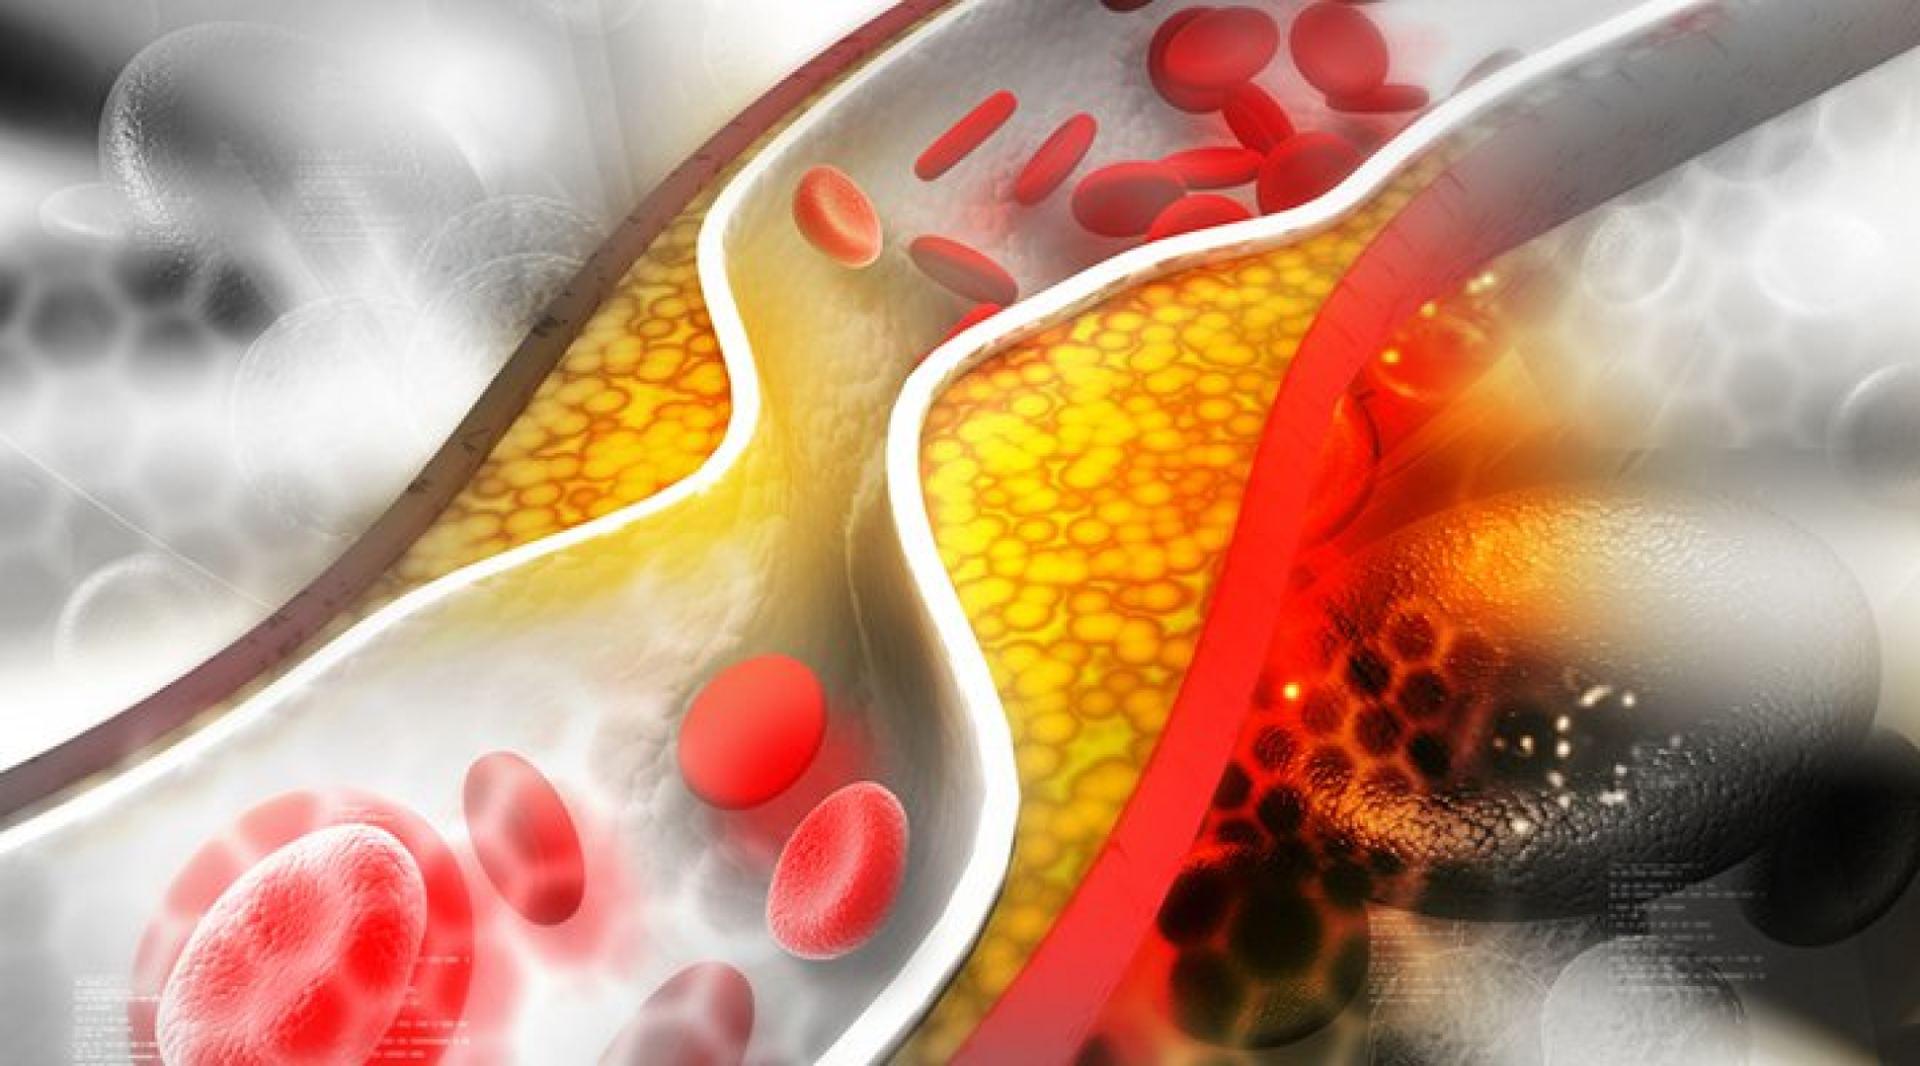 hipertenzija 3 šaukštai 2 šaukštai rizika)